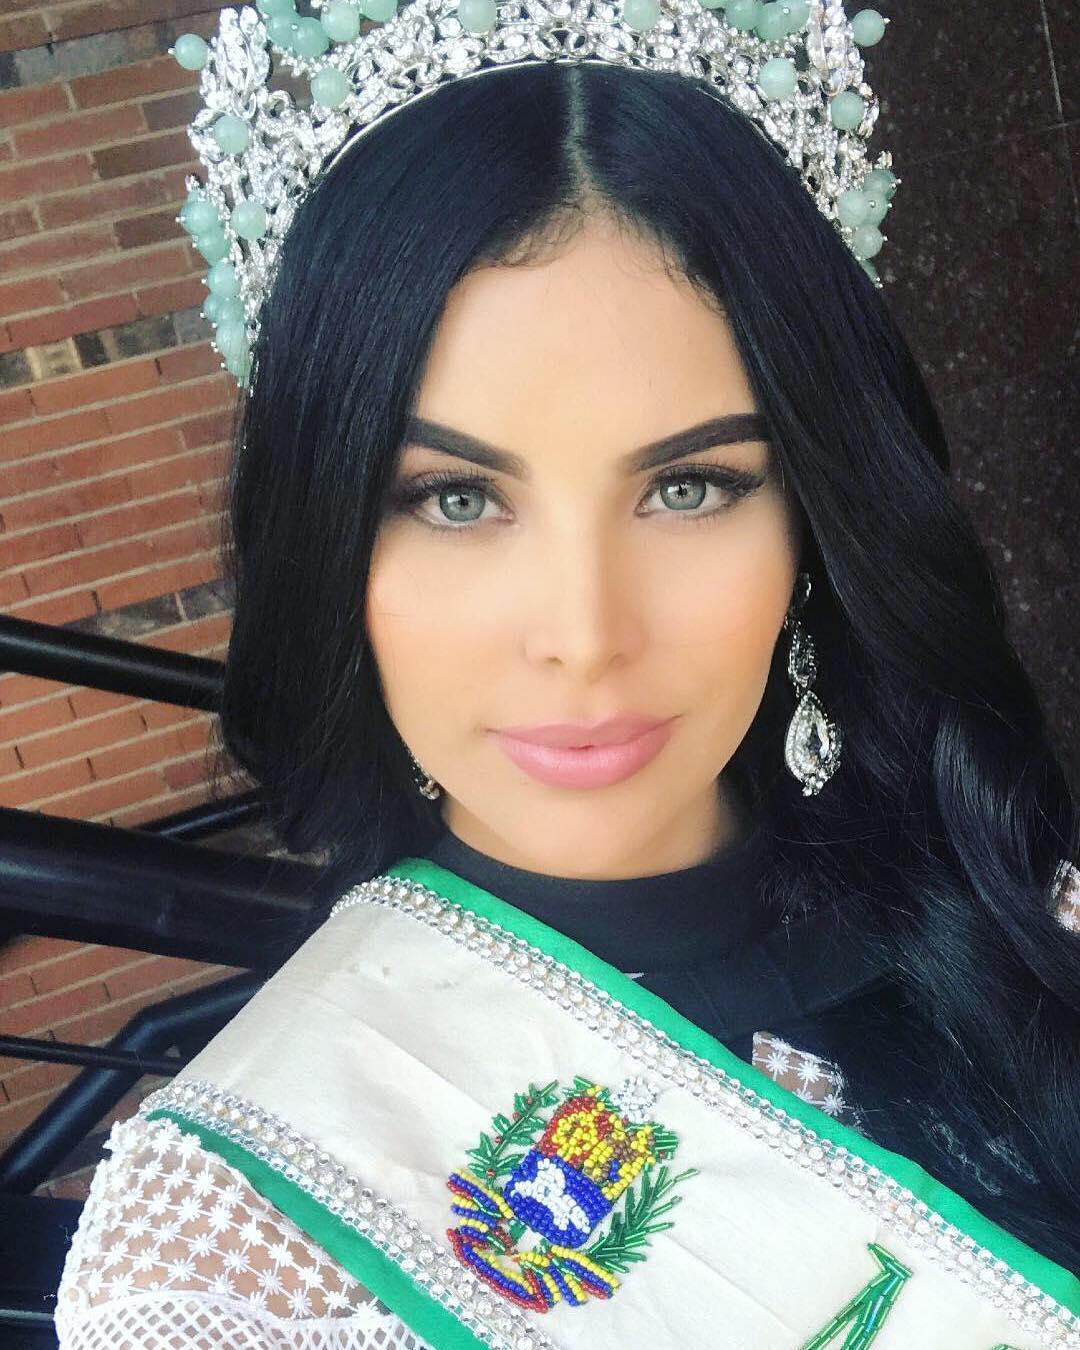 ninoska vasquez, top 8 de miss earth 2017. Zhd3w5wc